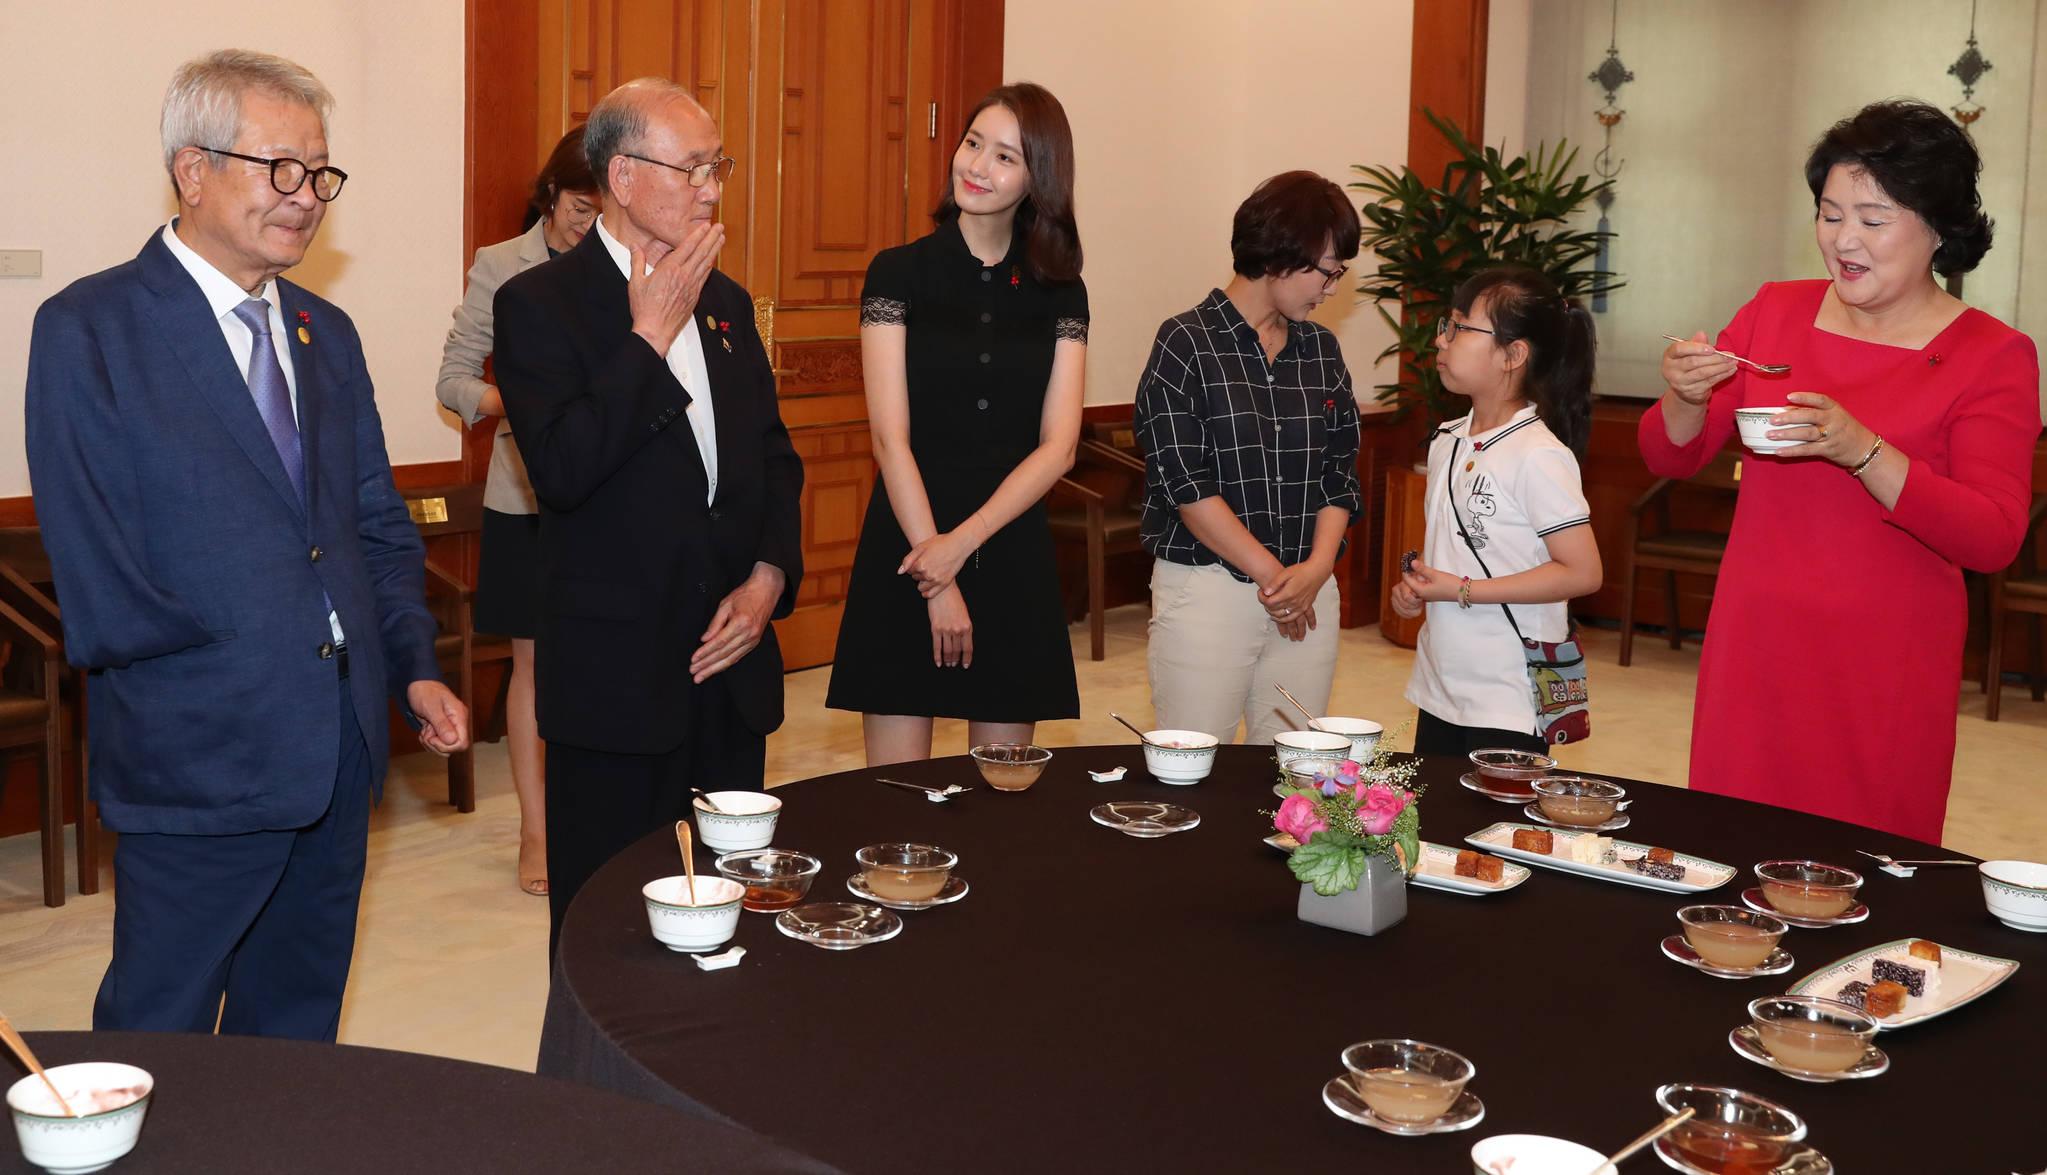 김정숙 여사가 3일 오후 청와대 본관 에서 사회복지공동모금회 기부자 초청 오찬에 앞서 다과를 들며 이야기를 나누고 있다. 청와대사진기자단